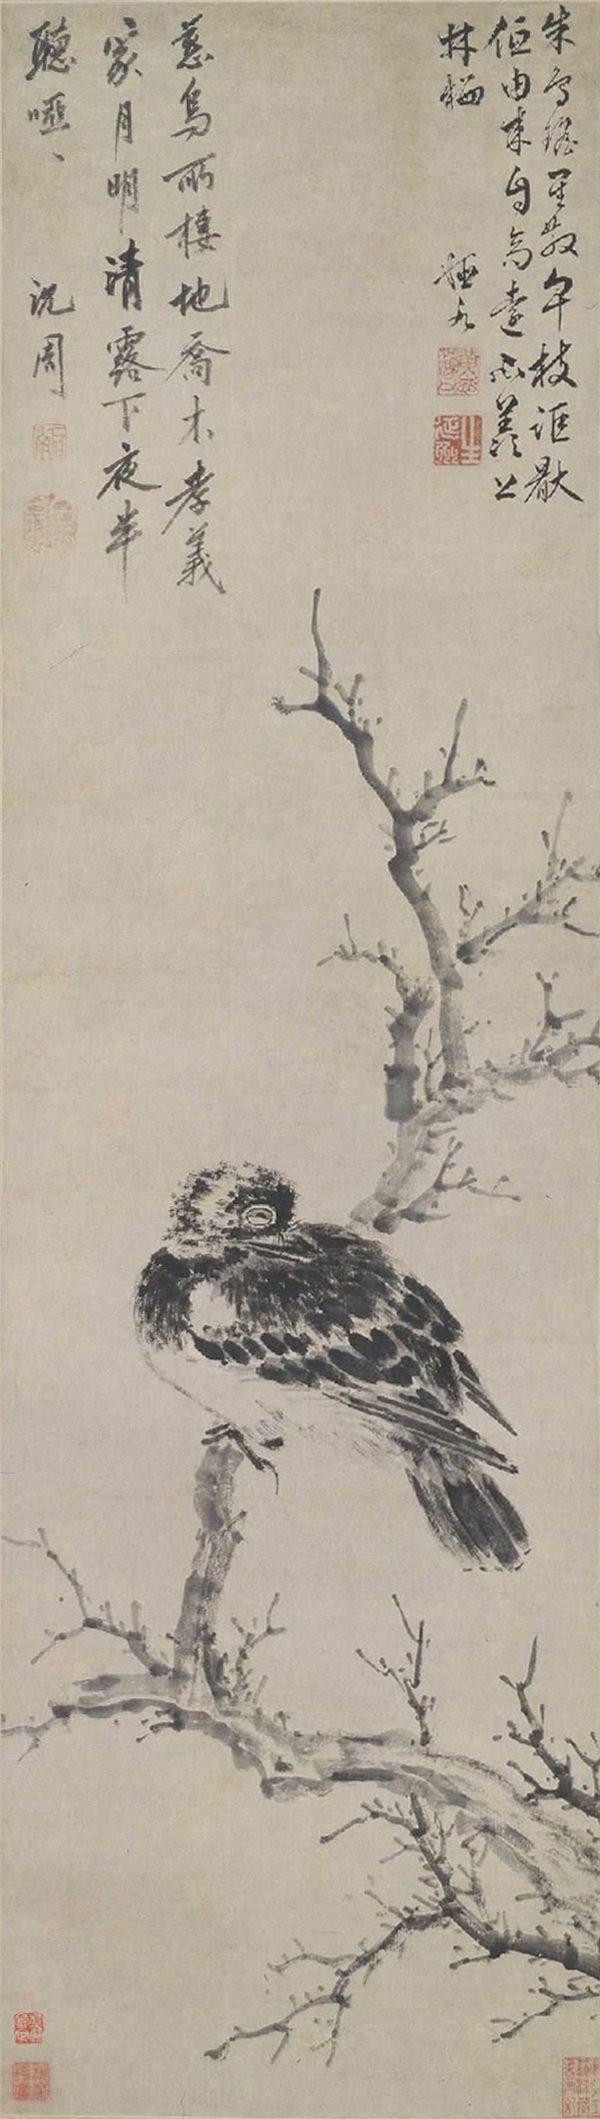 shen-zhou_filial-crow